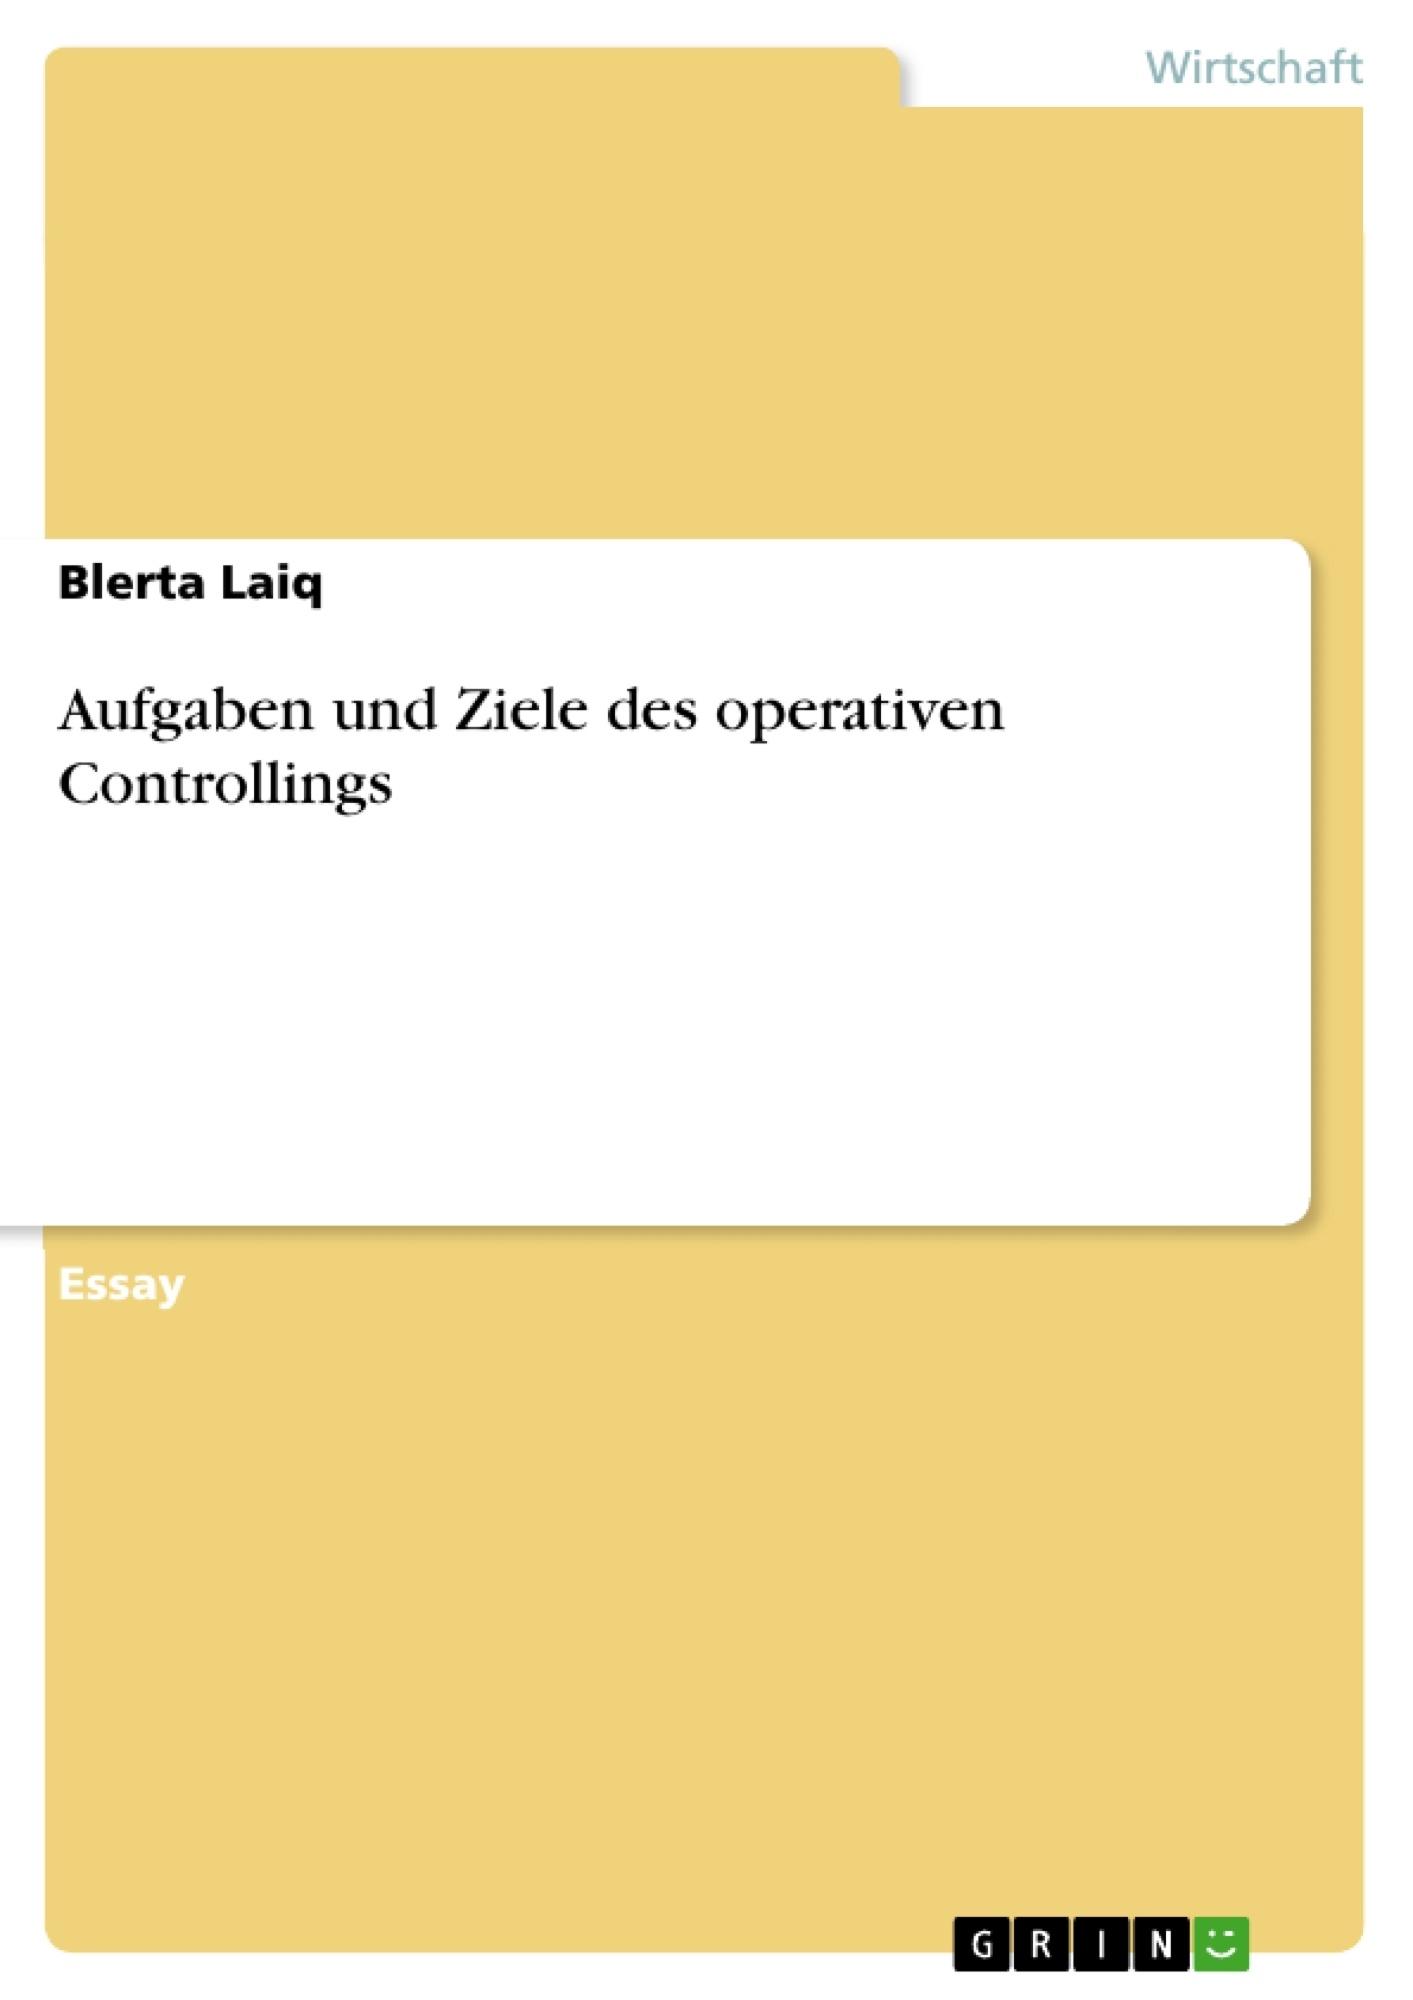 Titel: Aufgaben und Ziele des operativen Controllings